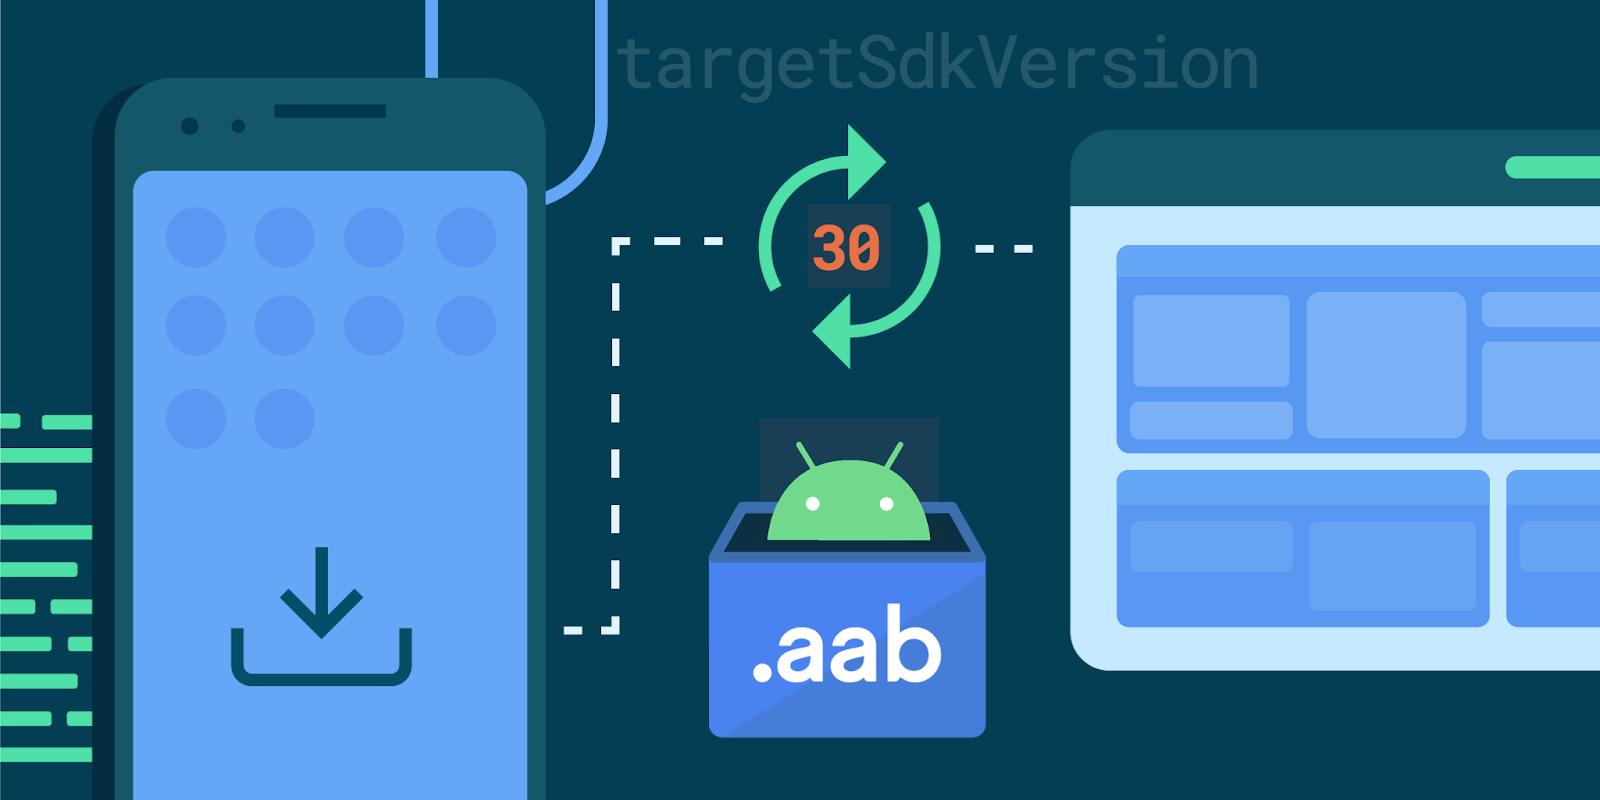 Android App Bundle ile tanışın: Play Store'daki yeni uygulamalar artık APK biçimini kullanmayacak